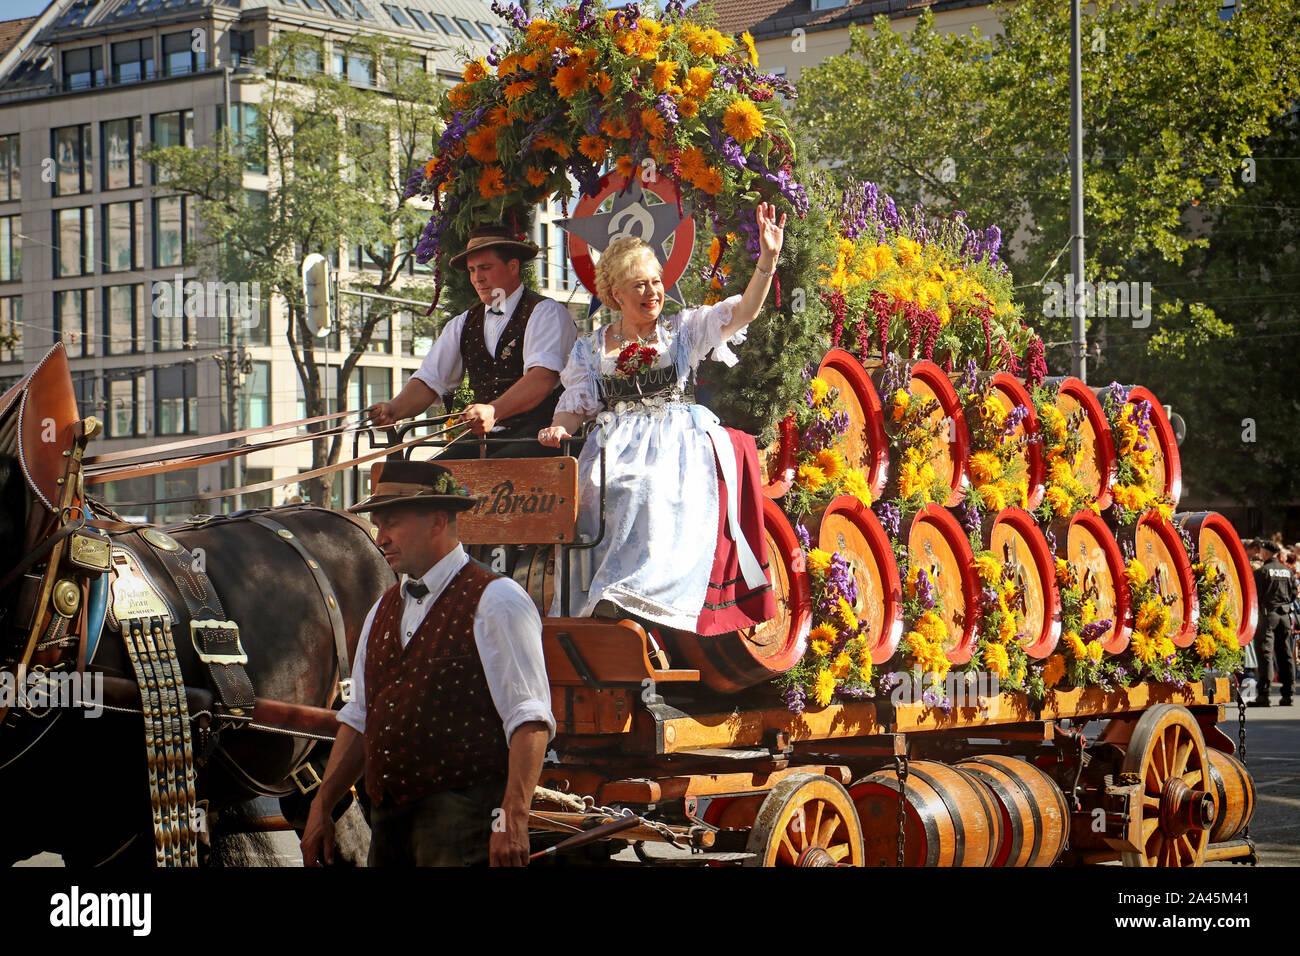 Monaco di Baviera, Germania - 22 settembre 2019 Grand entry della Oktoberfest locatori e birrerie, festosa sfilata di magnifici carri decorati e ban Foto Stock